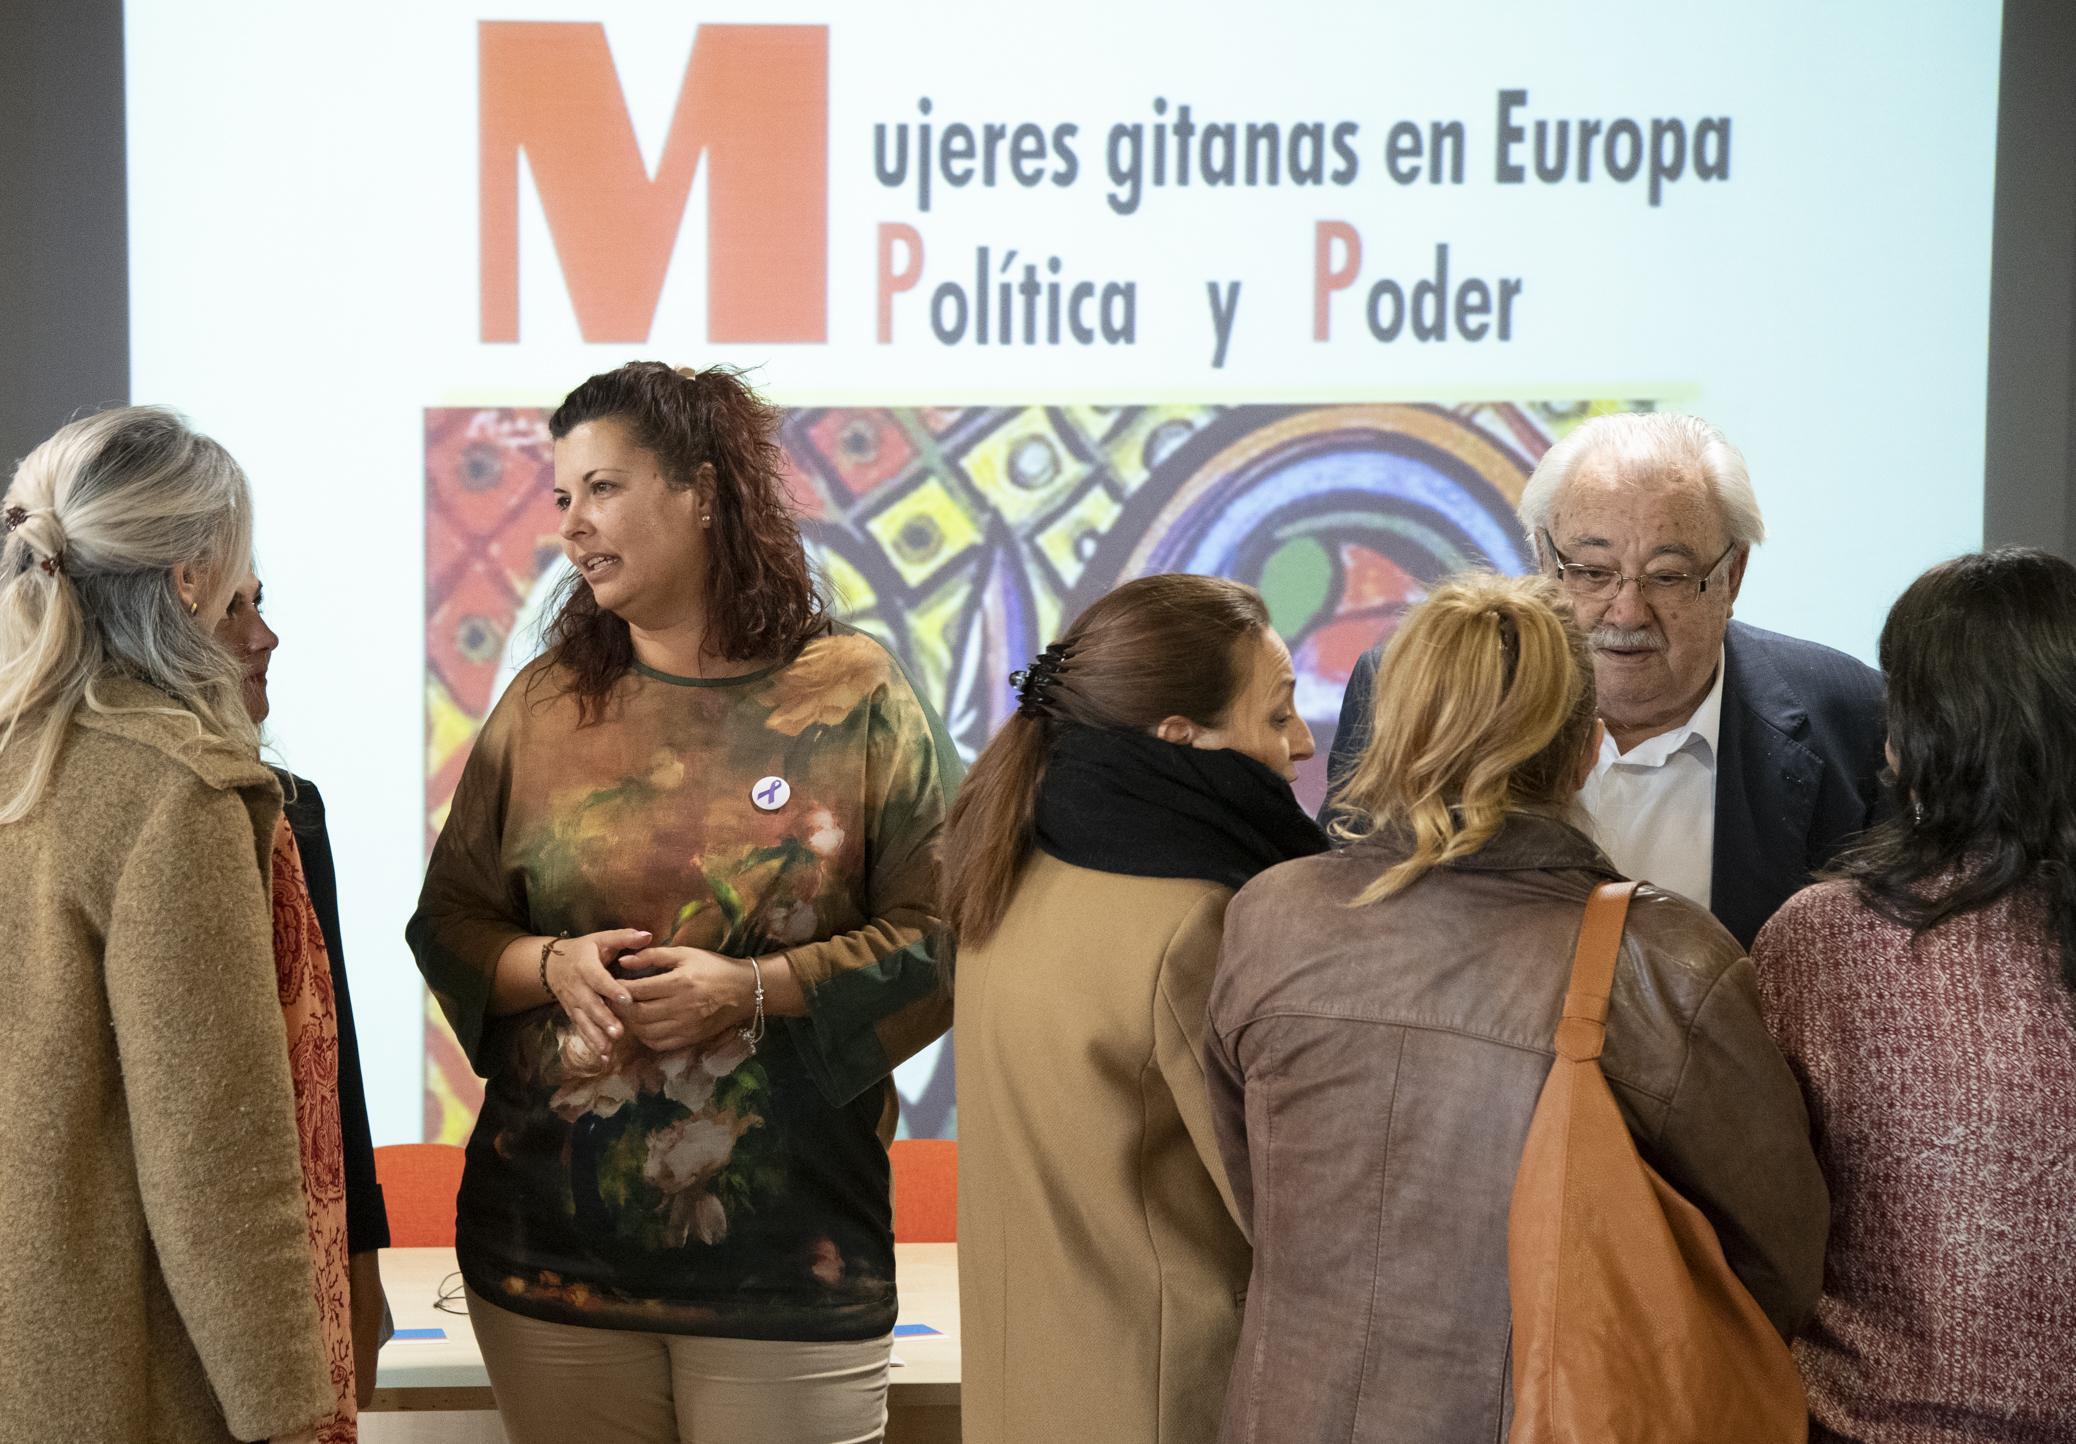 La Diputación de Castellón subvenciona con 30.000 euros un proyecto de integración social de la asociación Punjab